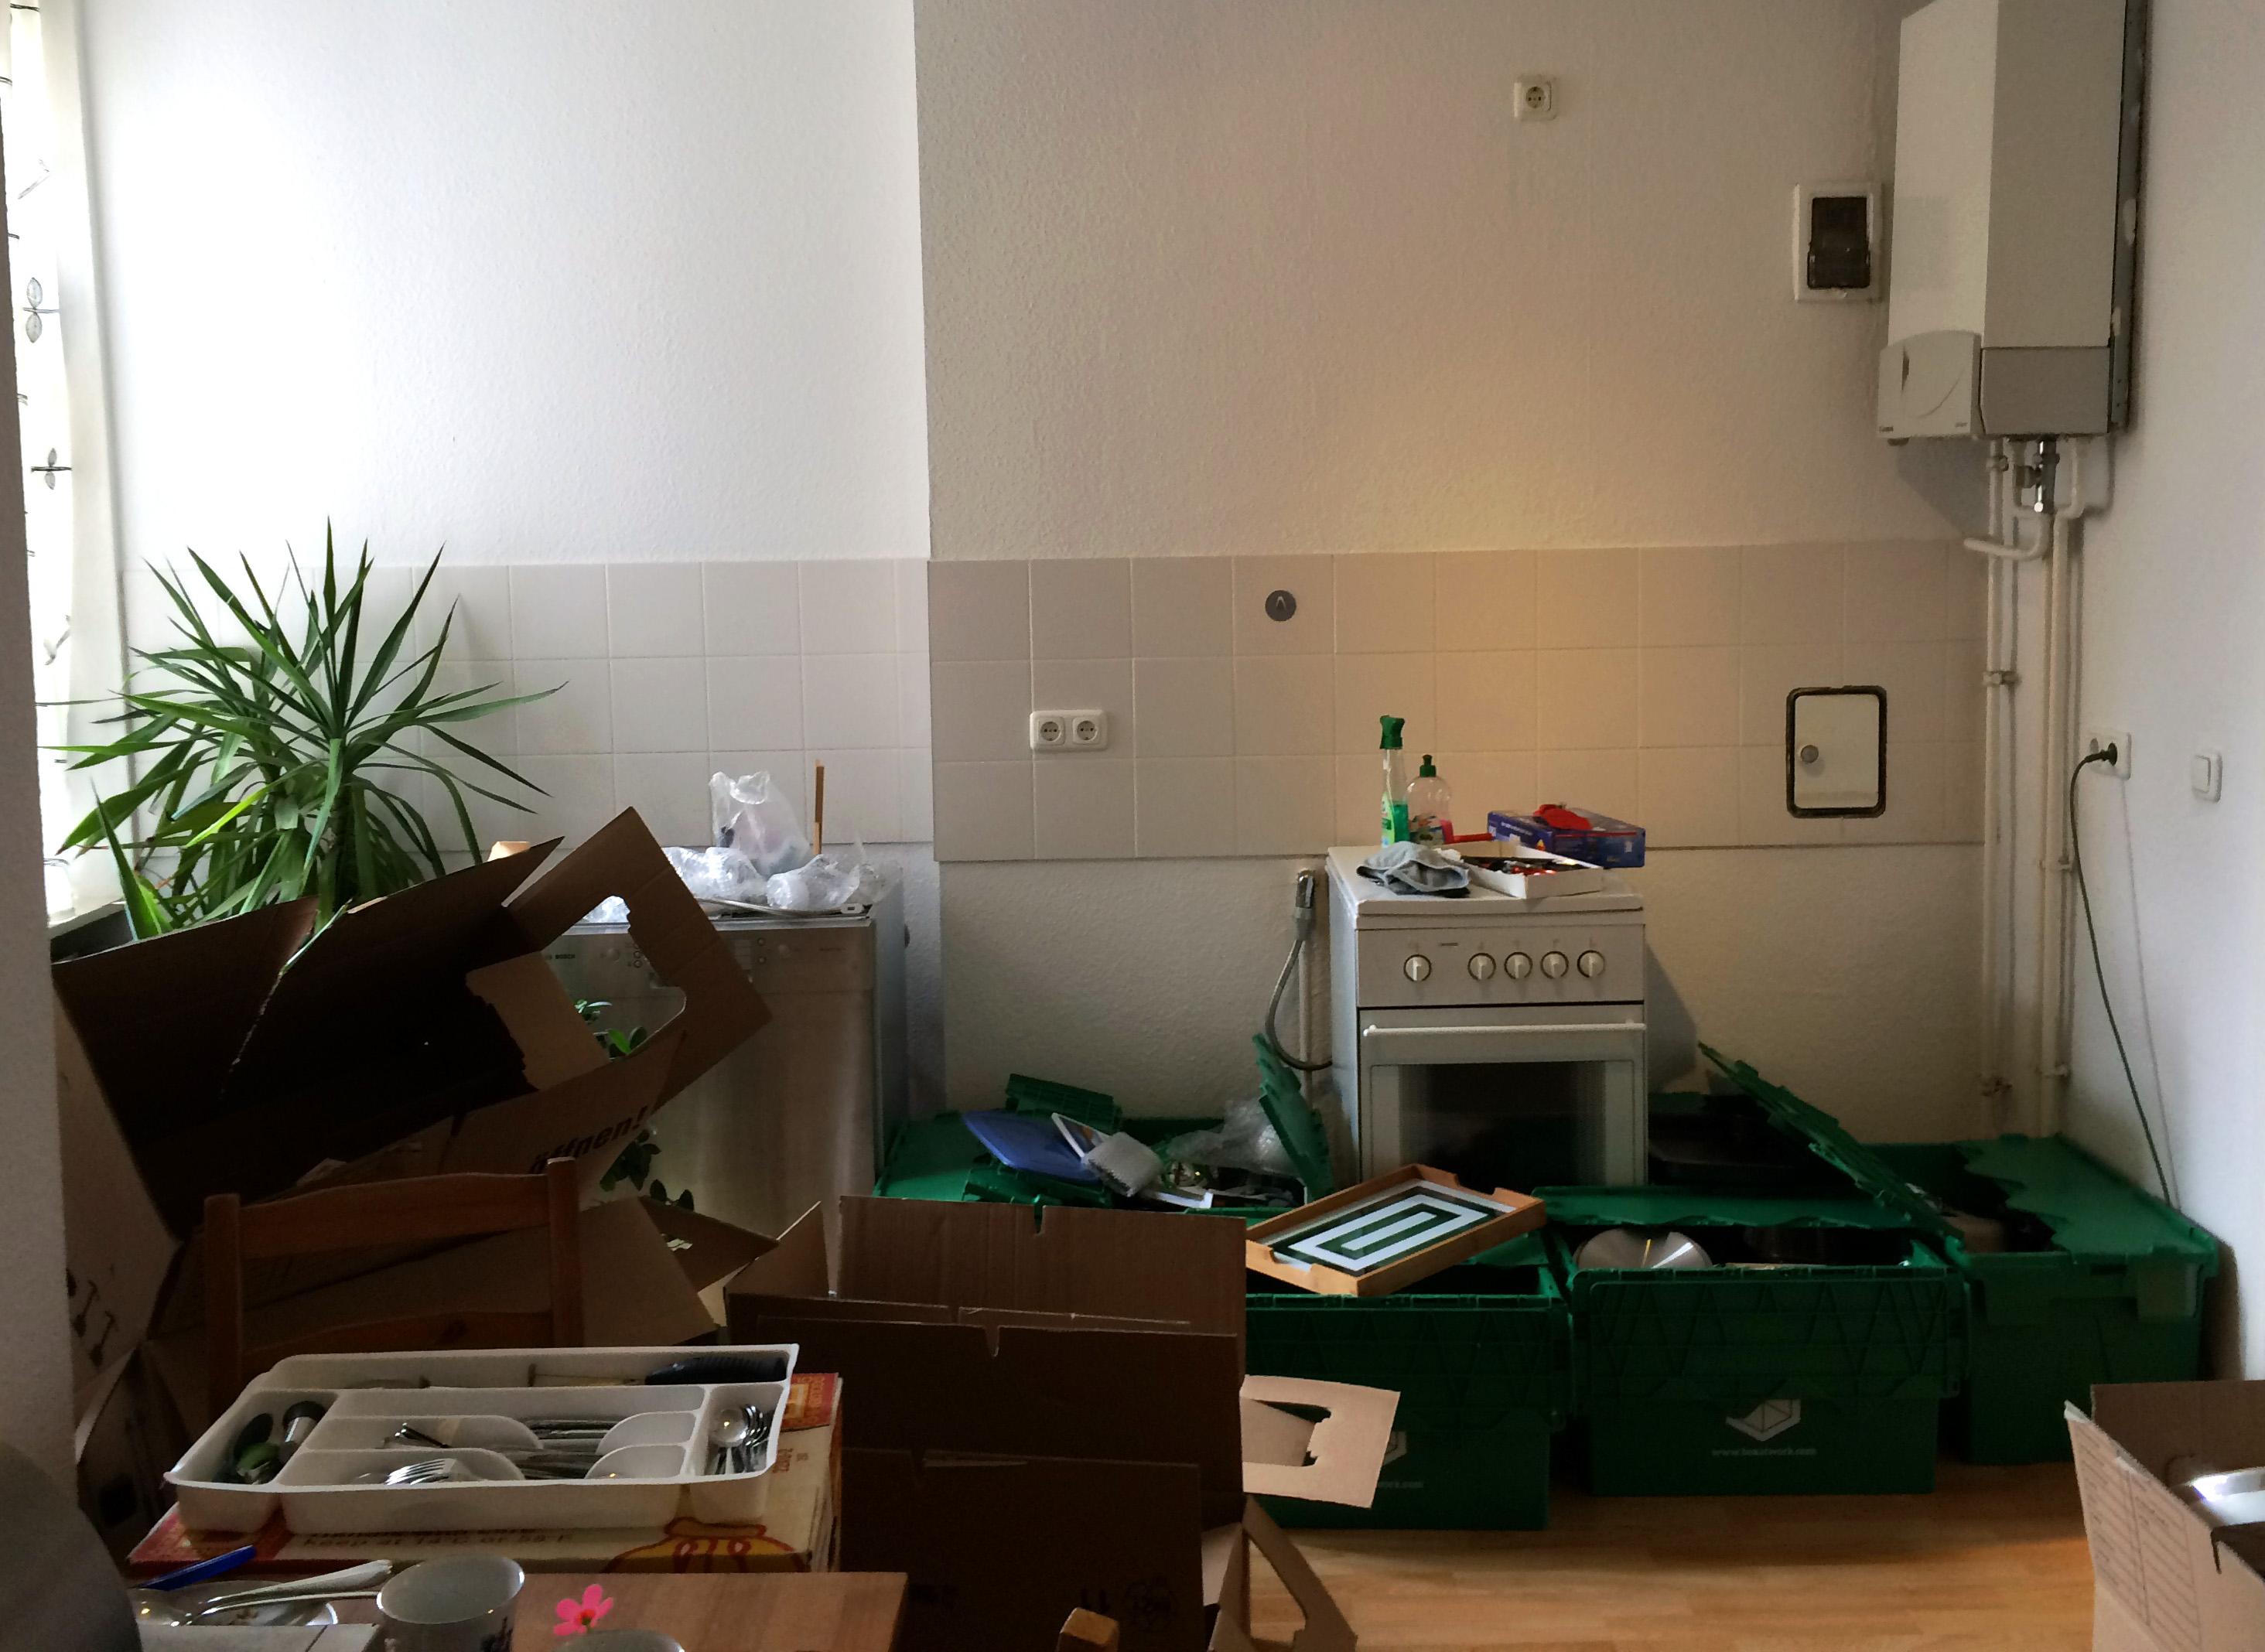 Küche in der viele grüne und aus Pappe bestehende Umzugskartons auf dem Boden stehen.